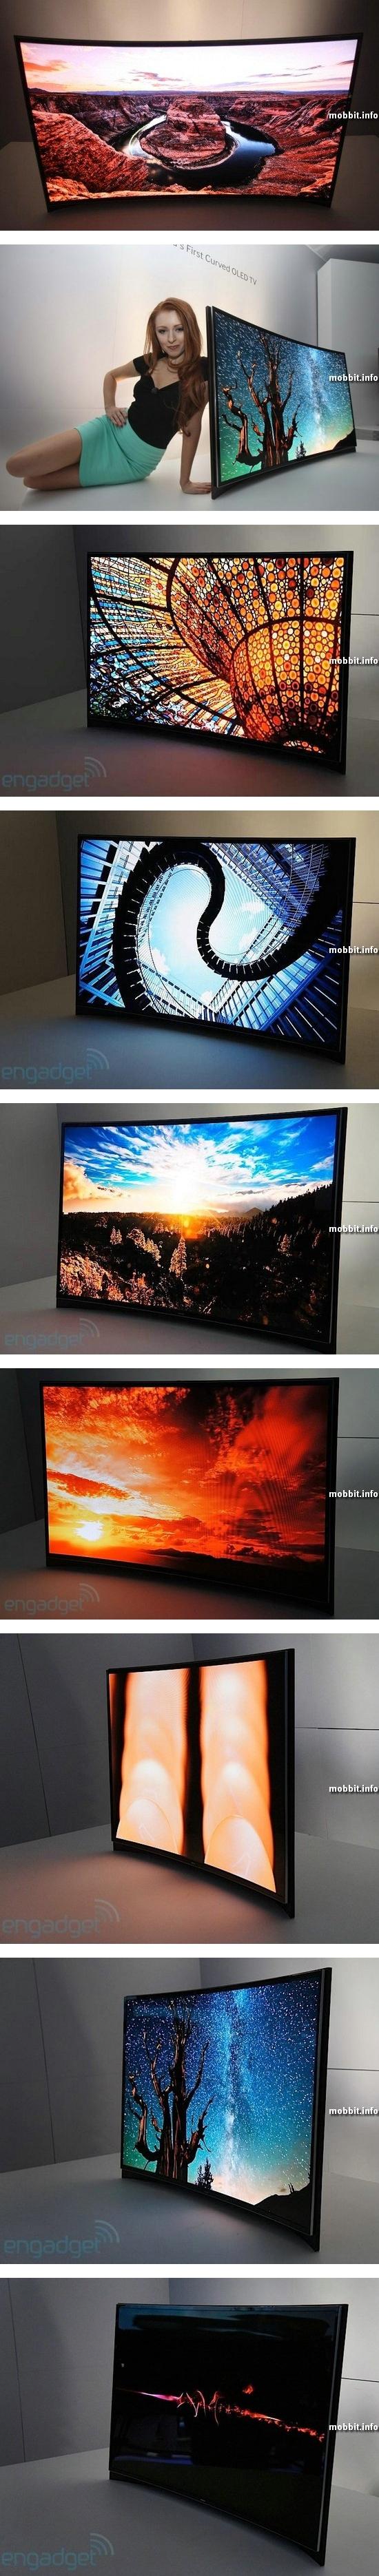 Первый в мире изогнутый OLED-телевизор